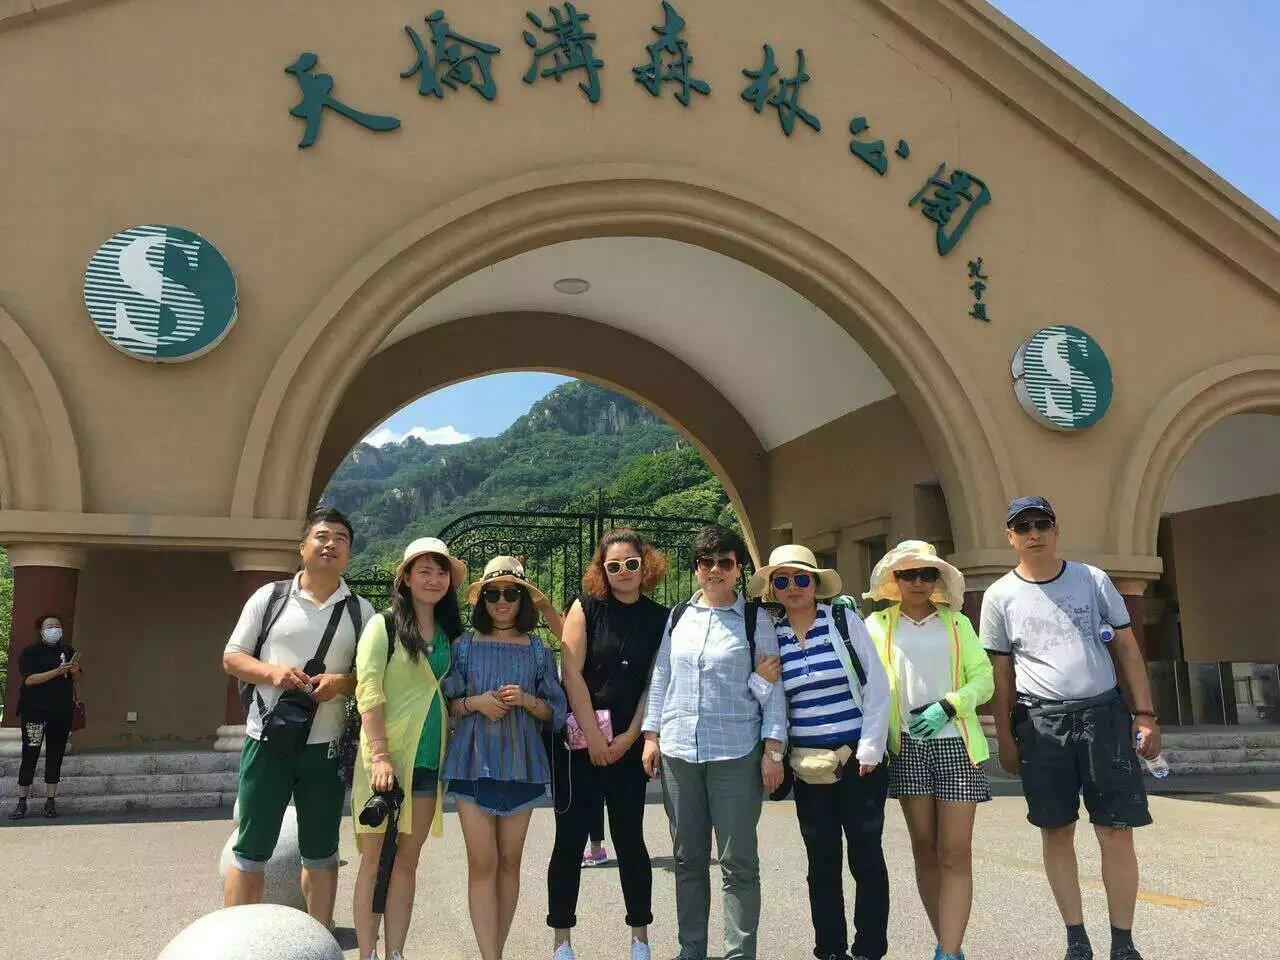 盛夏避暑--丹东天桥沟、新宾自驾2日游